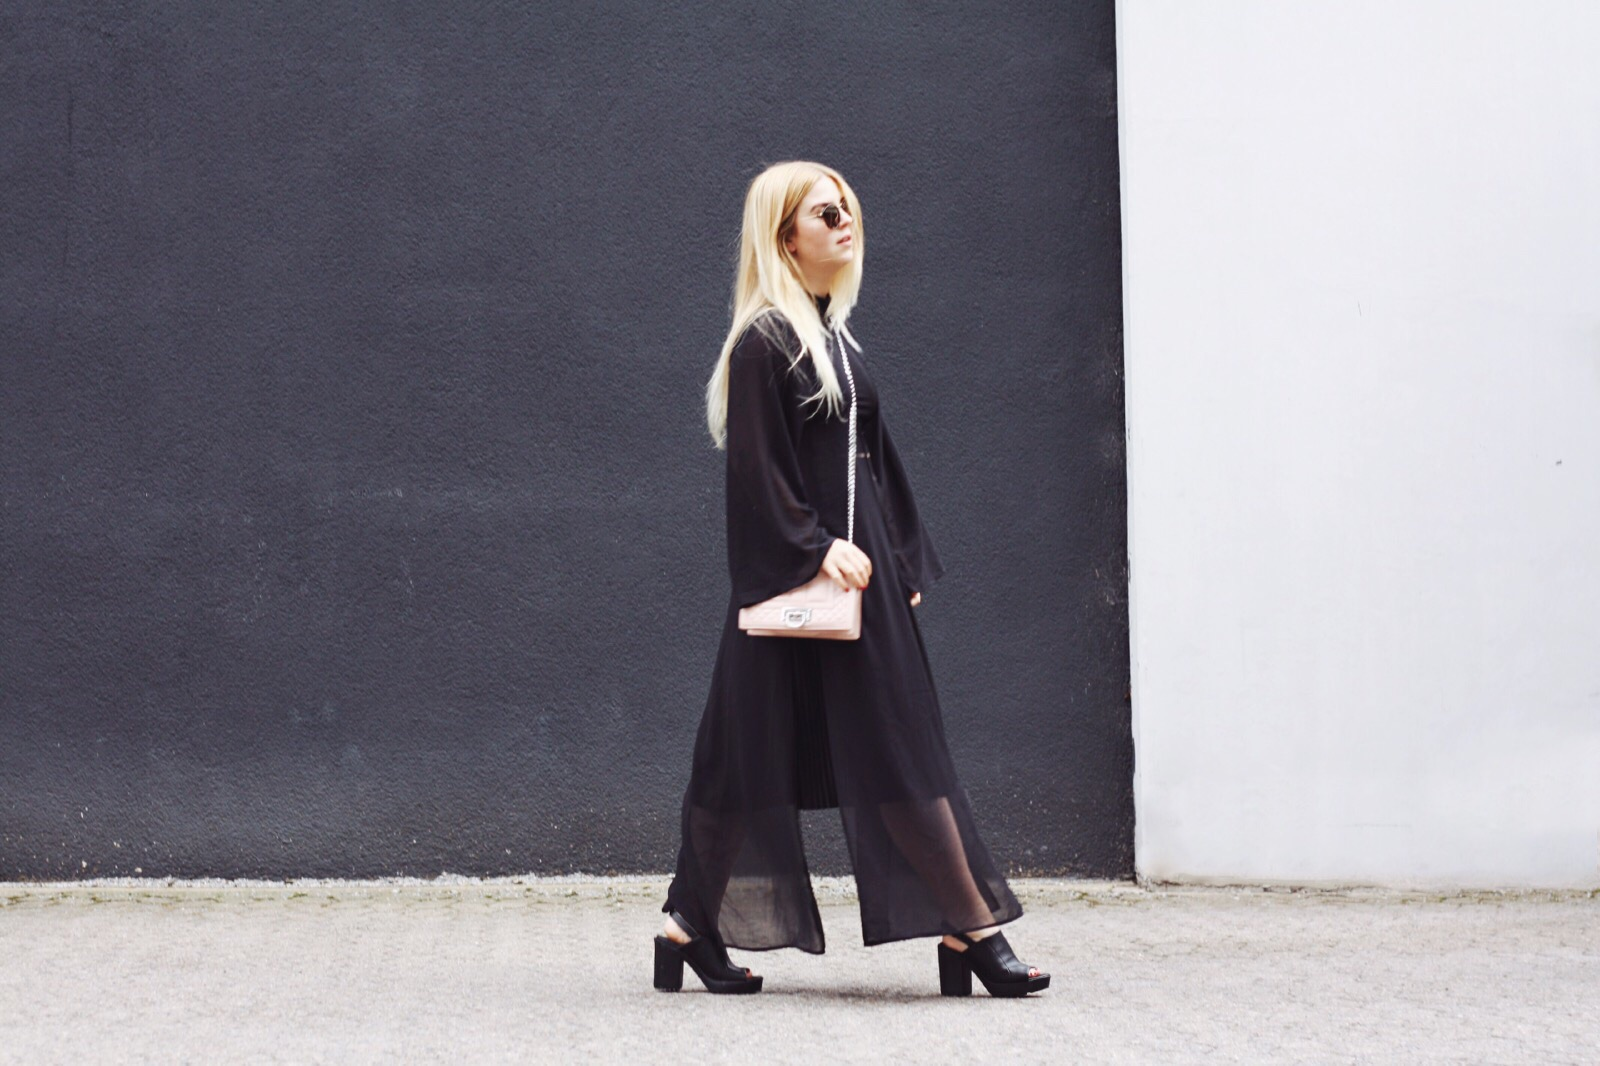 schwarz_minimalistisch_look_outfit_modeblogger